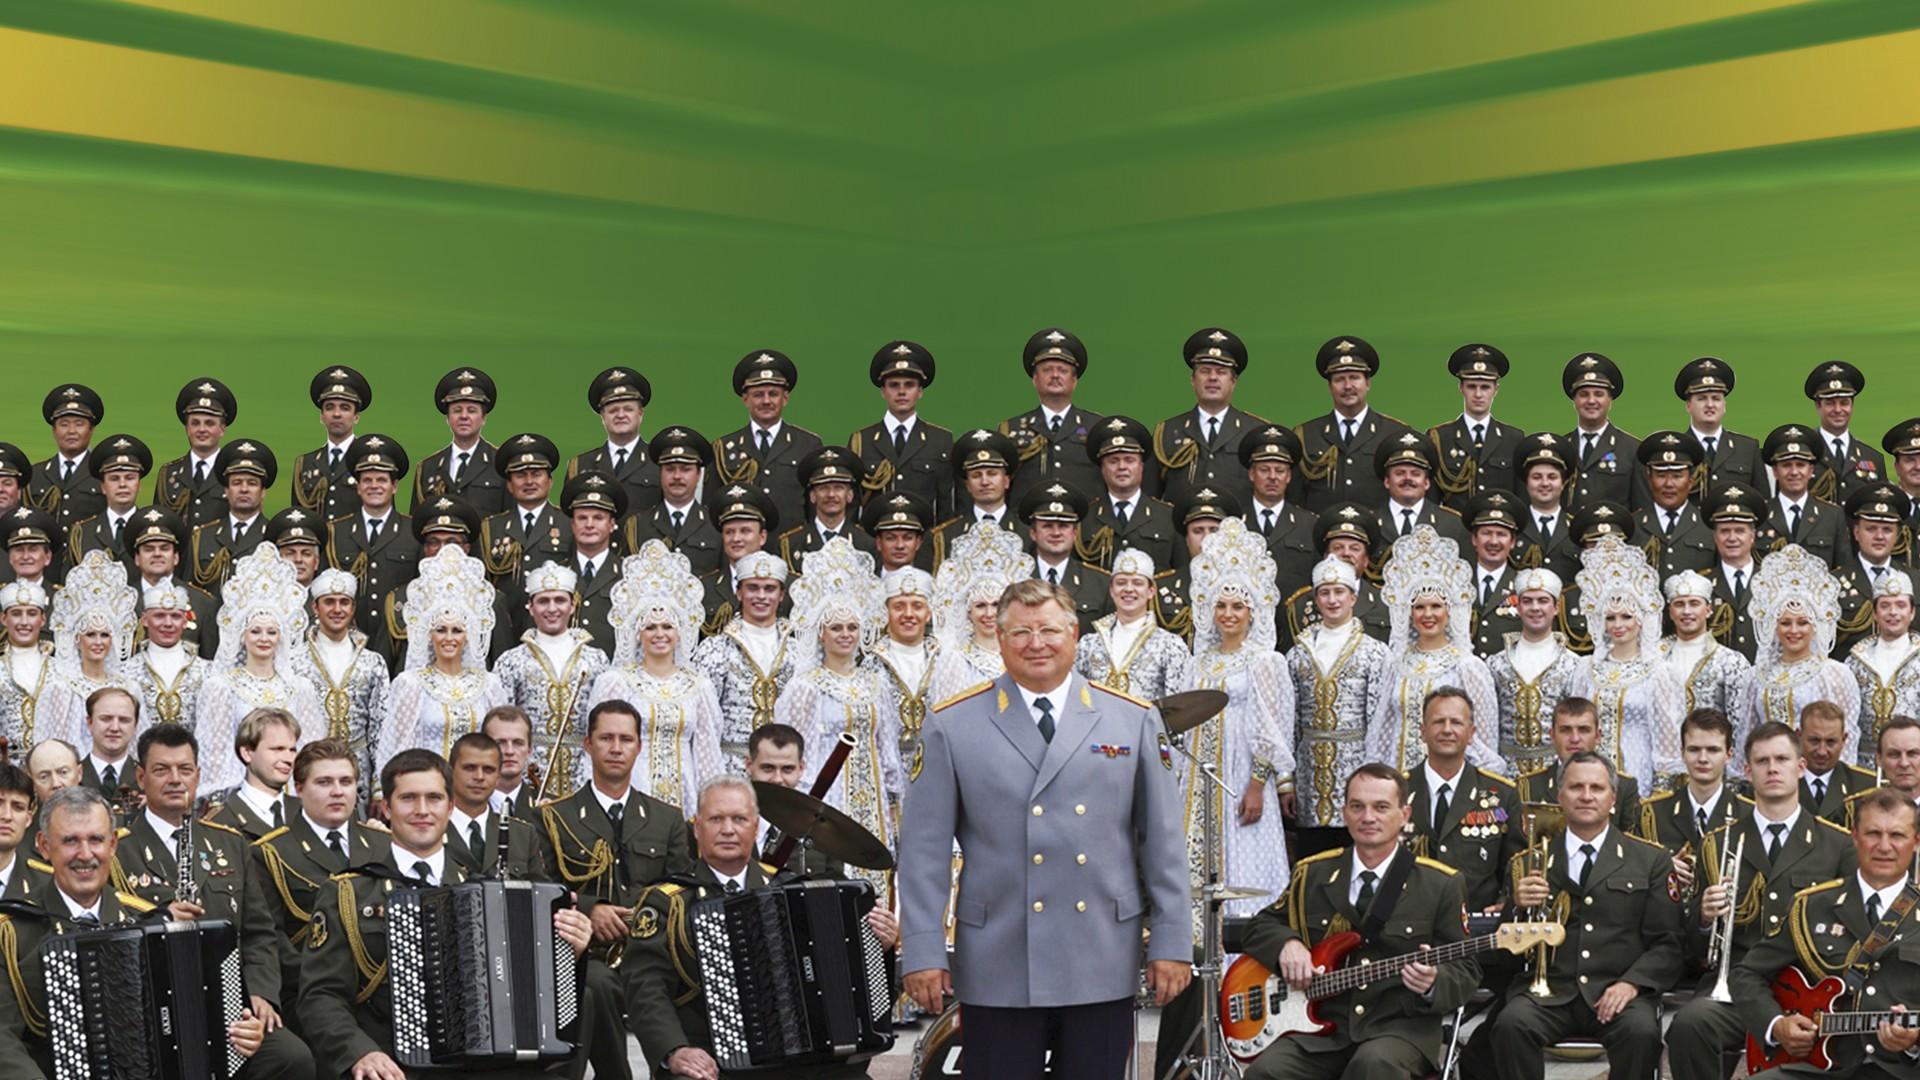 Юбилейный концерт Академического ансамбля песни и пляски войск национальной гвардии РФ